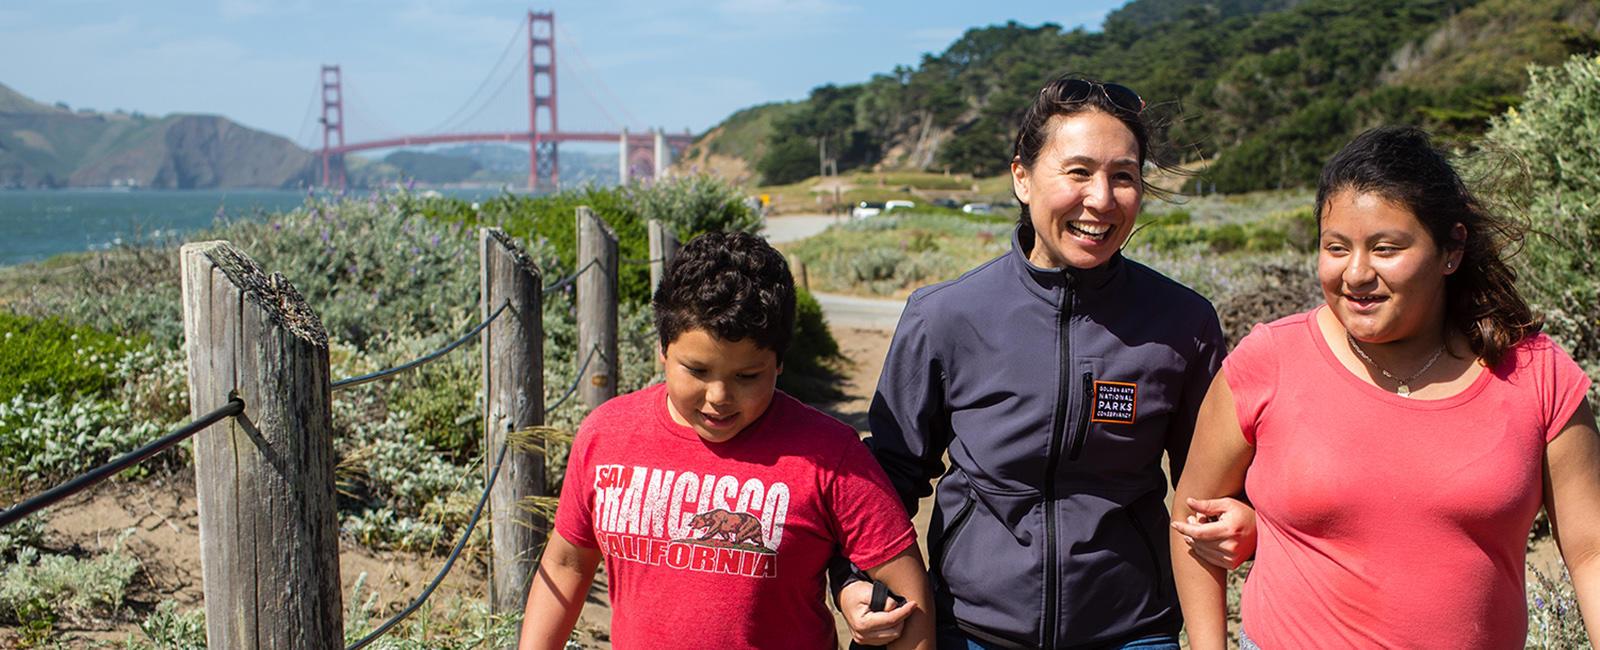 Camping at the Presidio program participants